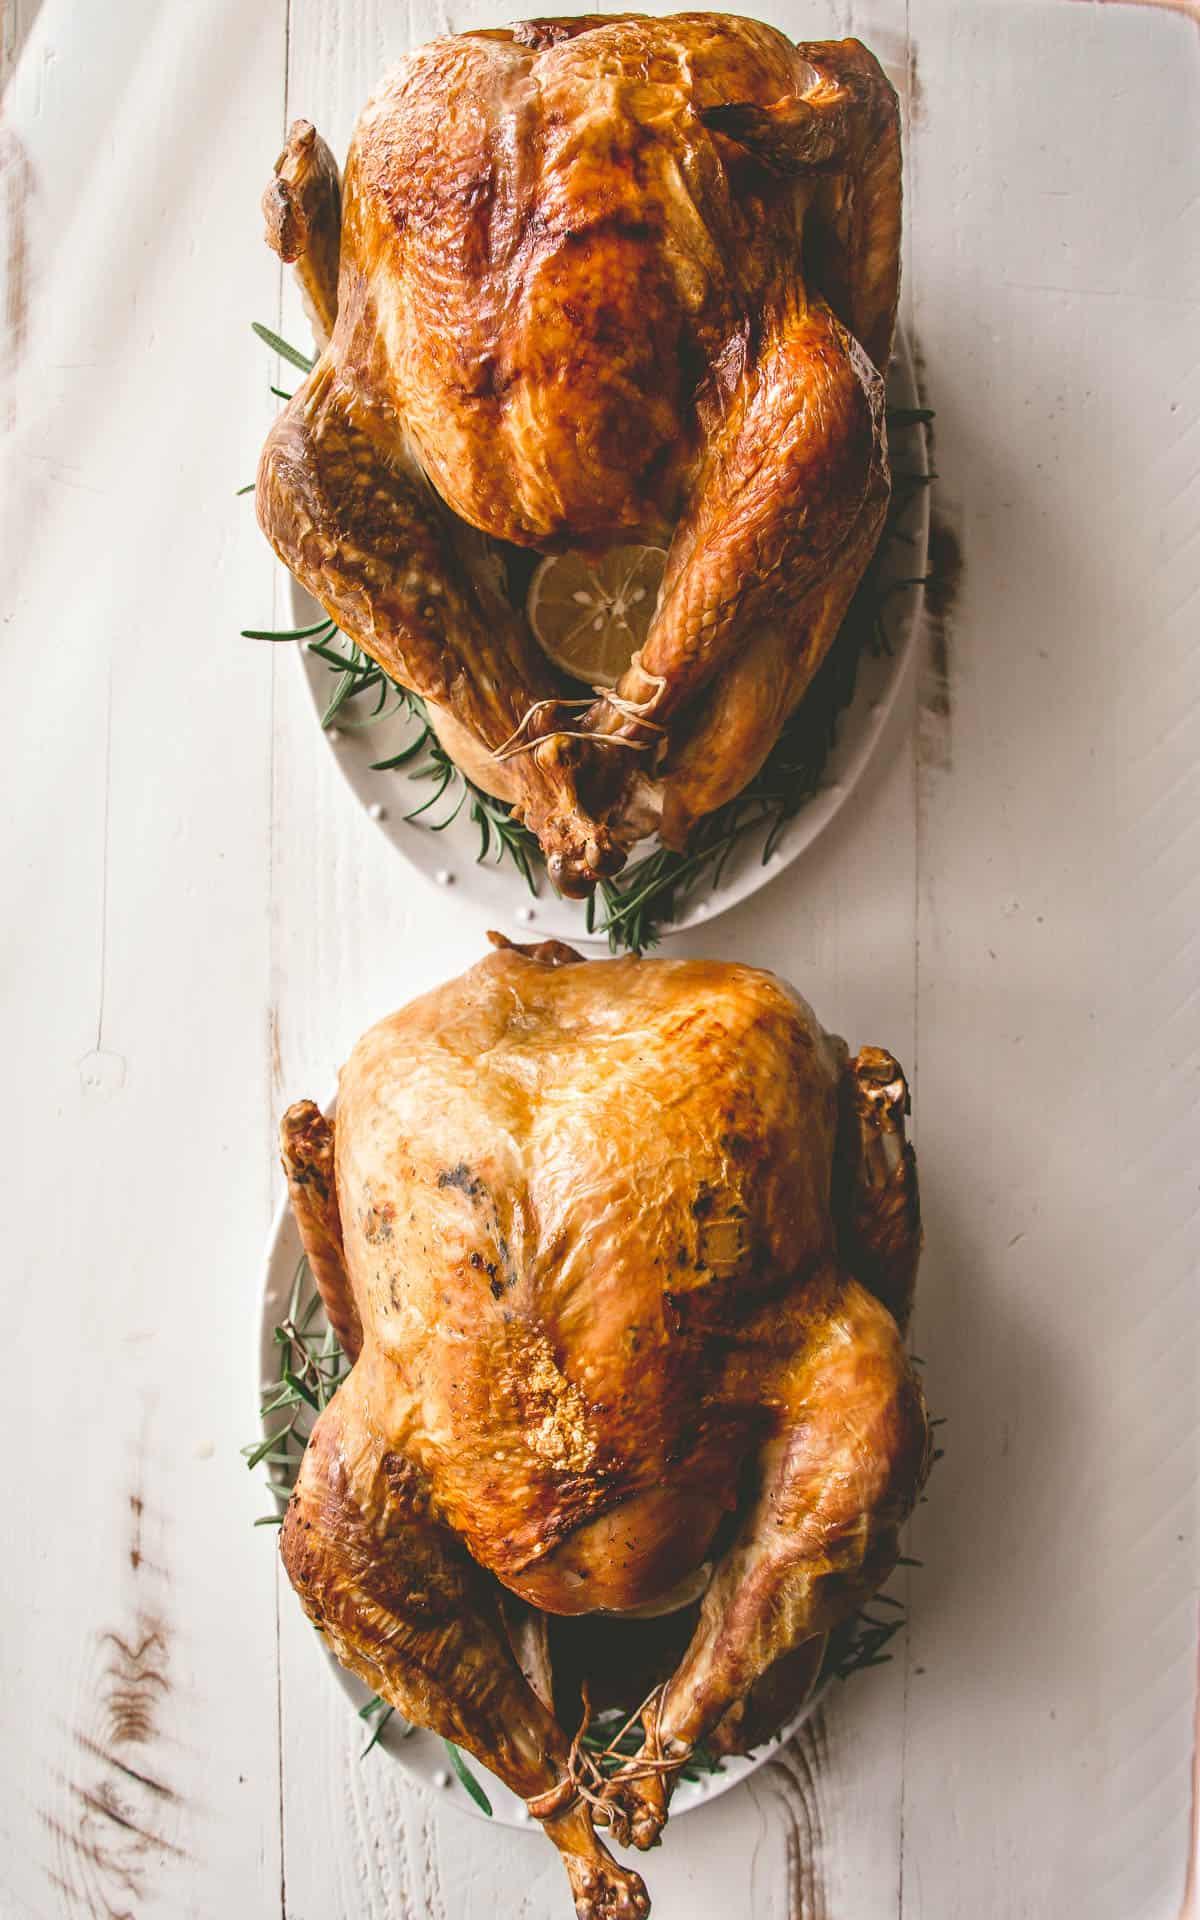 two roasted turkeys on trays